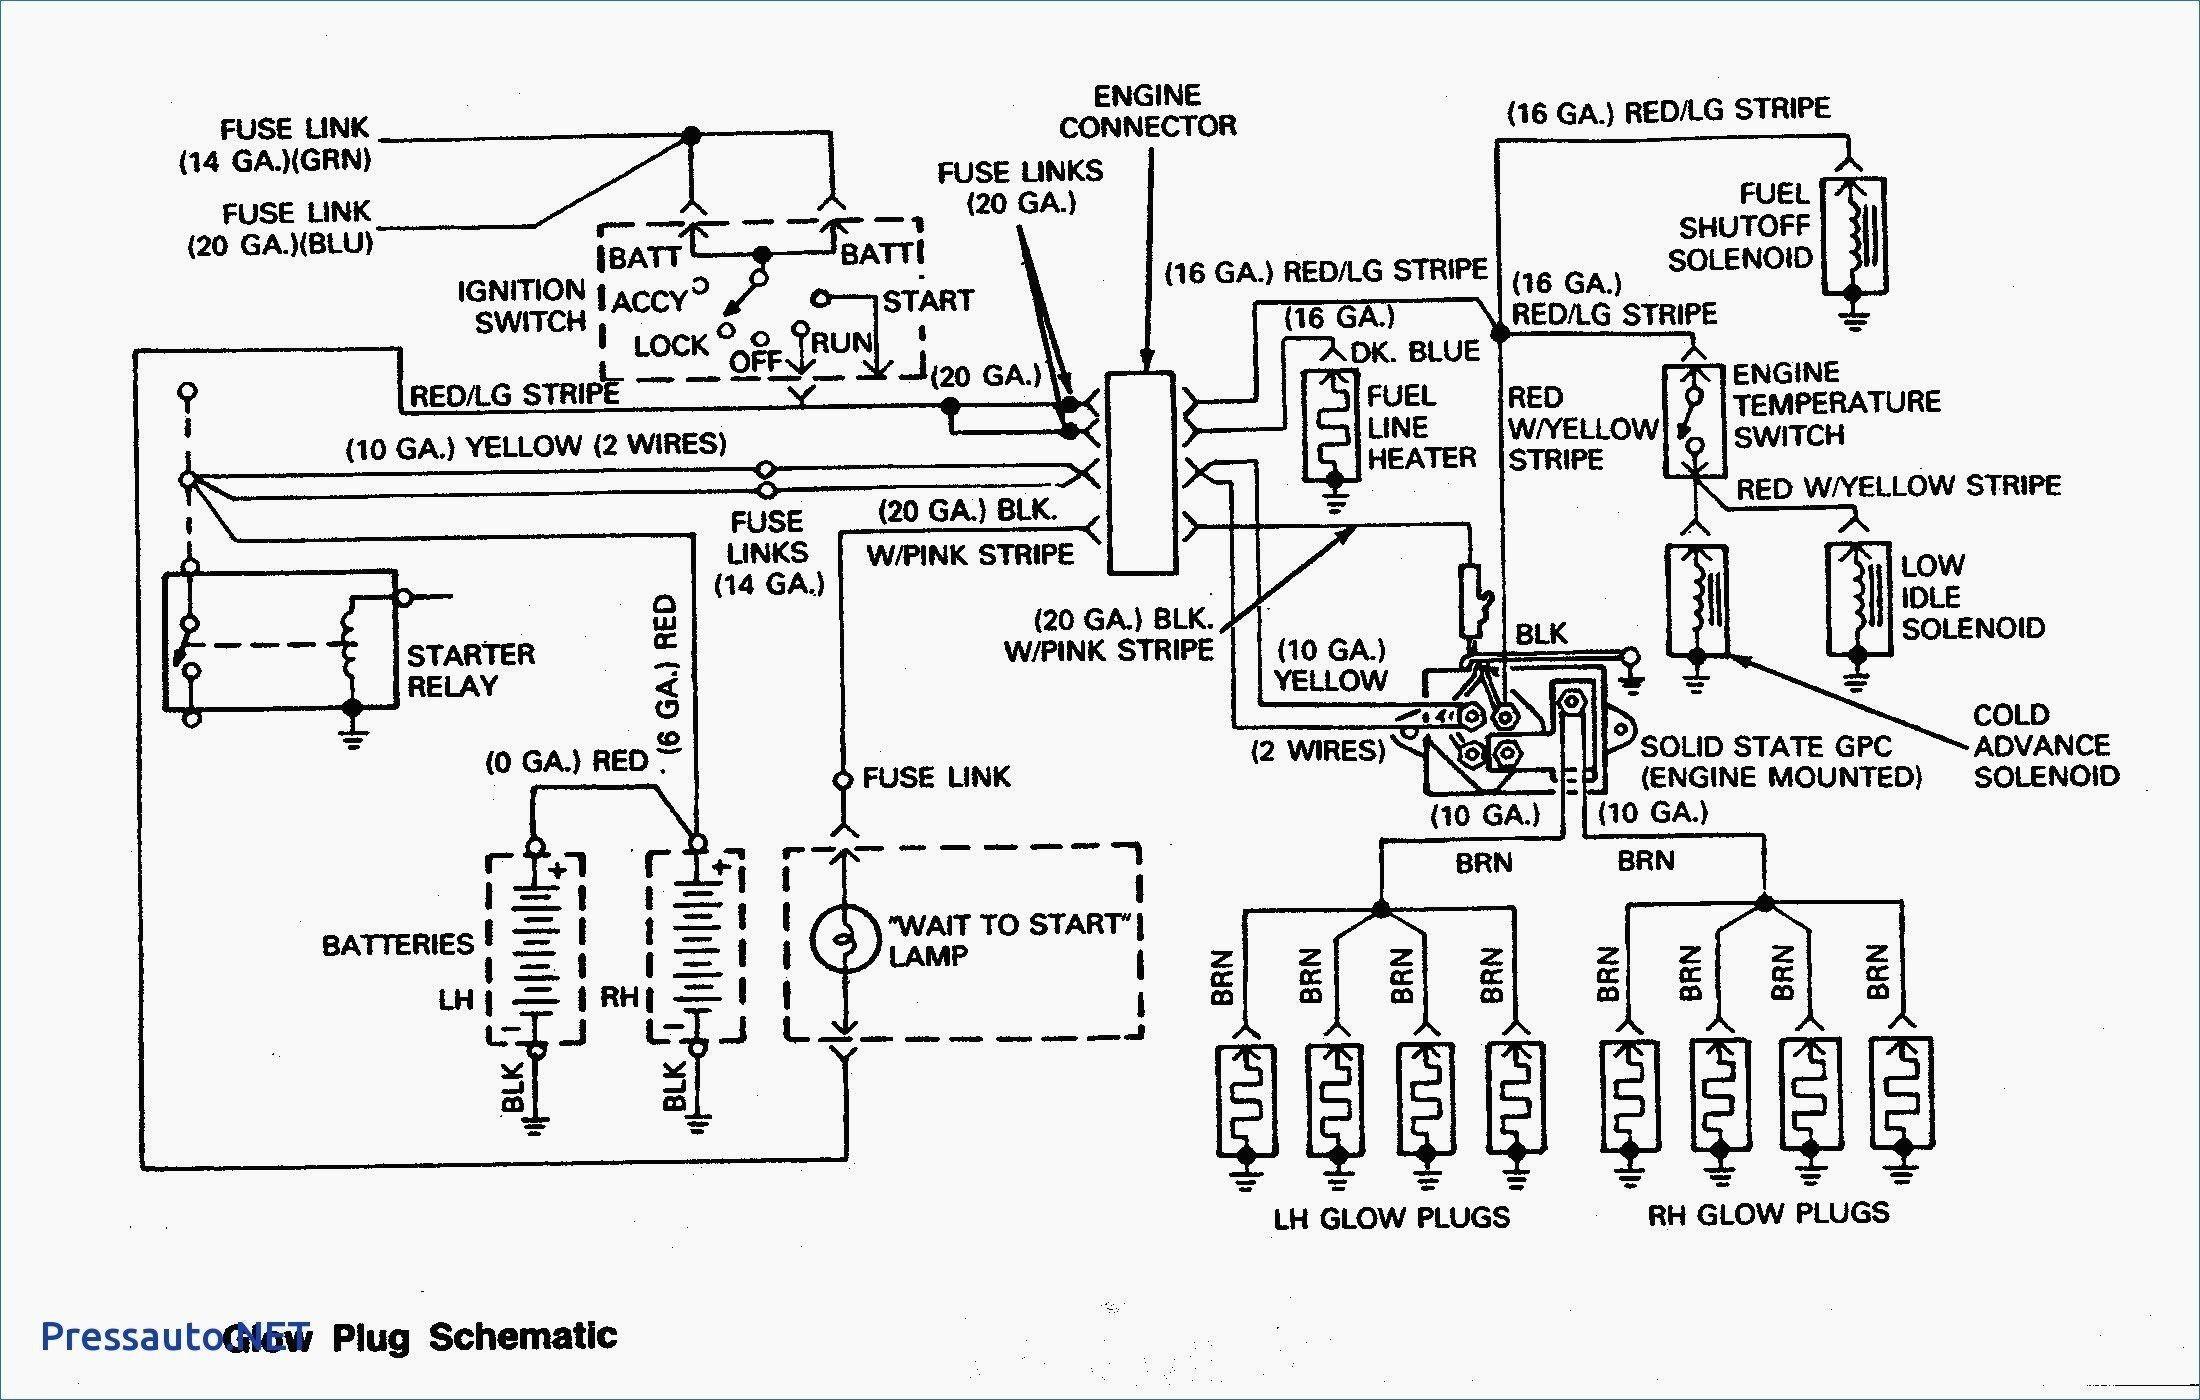 Beru Glow Plug Controller Wiring Diagram 6d0ce5 7 3 Idi Wiring Diagrams Of Beru Glow Plug Controller Wiring Diagram